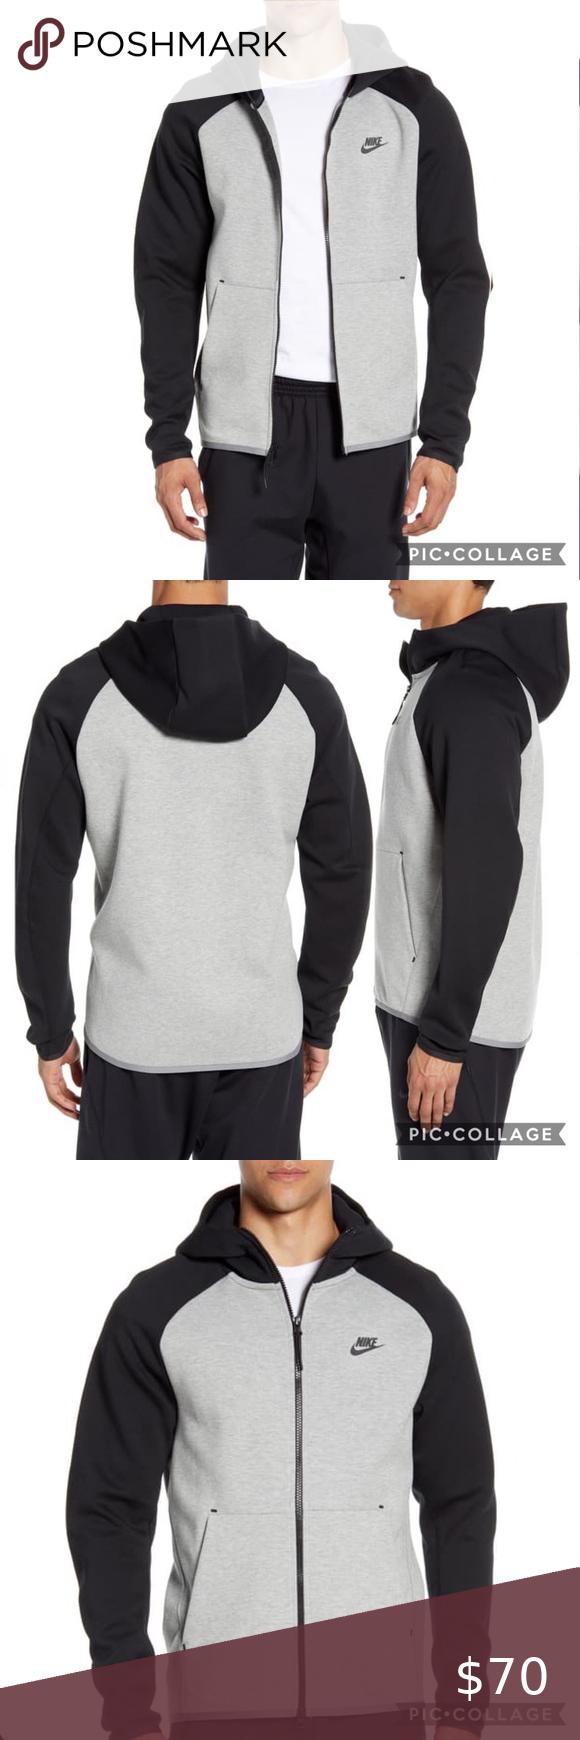 Grey Nike Sportswear Tech Fleece Zip Hoodie L Nwt Tech Fleece Hoodies Zip Hoodie [ 1740 x 580 Pixel ]